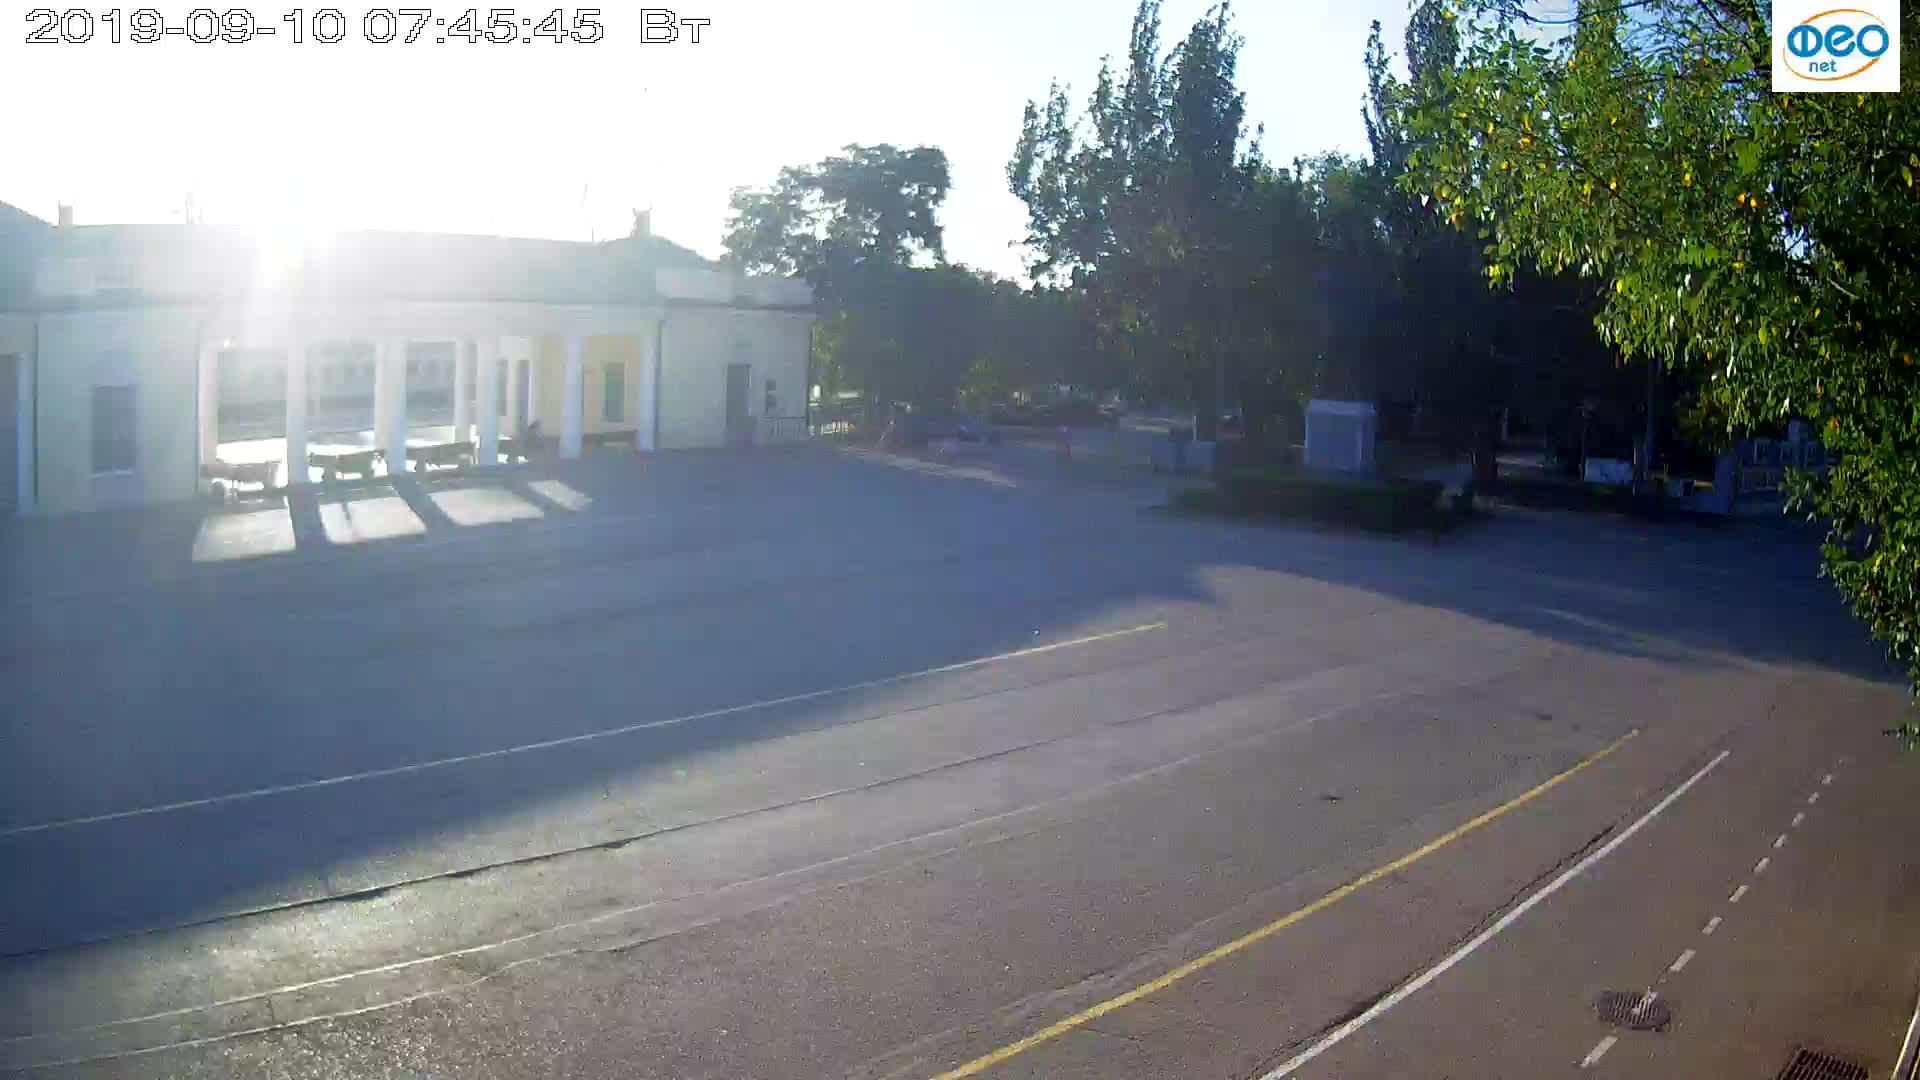 Веб-камеры Феодосии, Привокзальная площадь 2, 2019-09-10 07:33:09